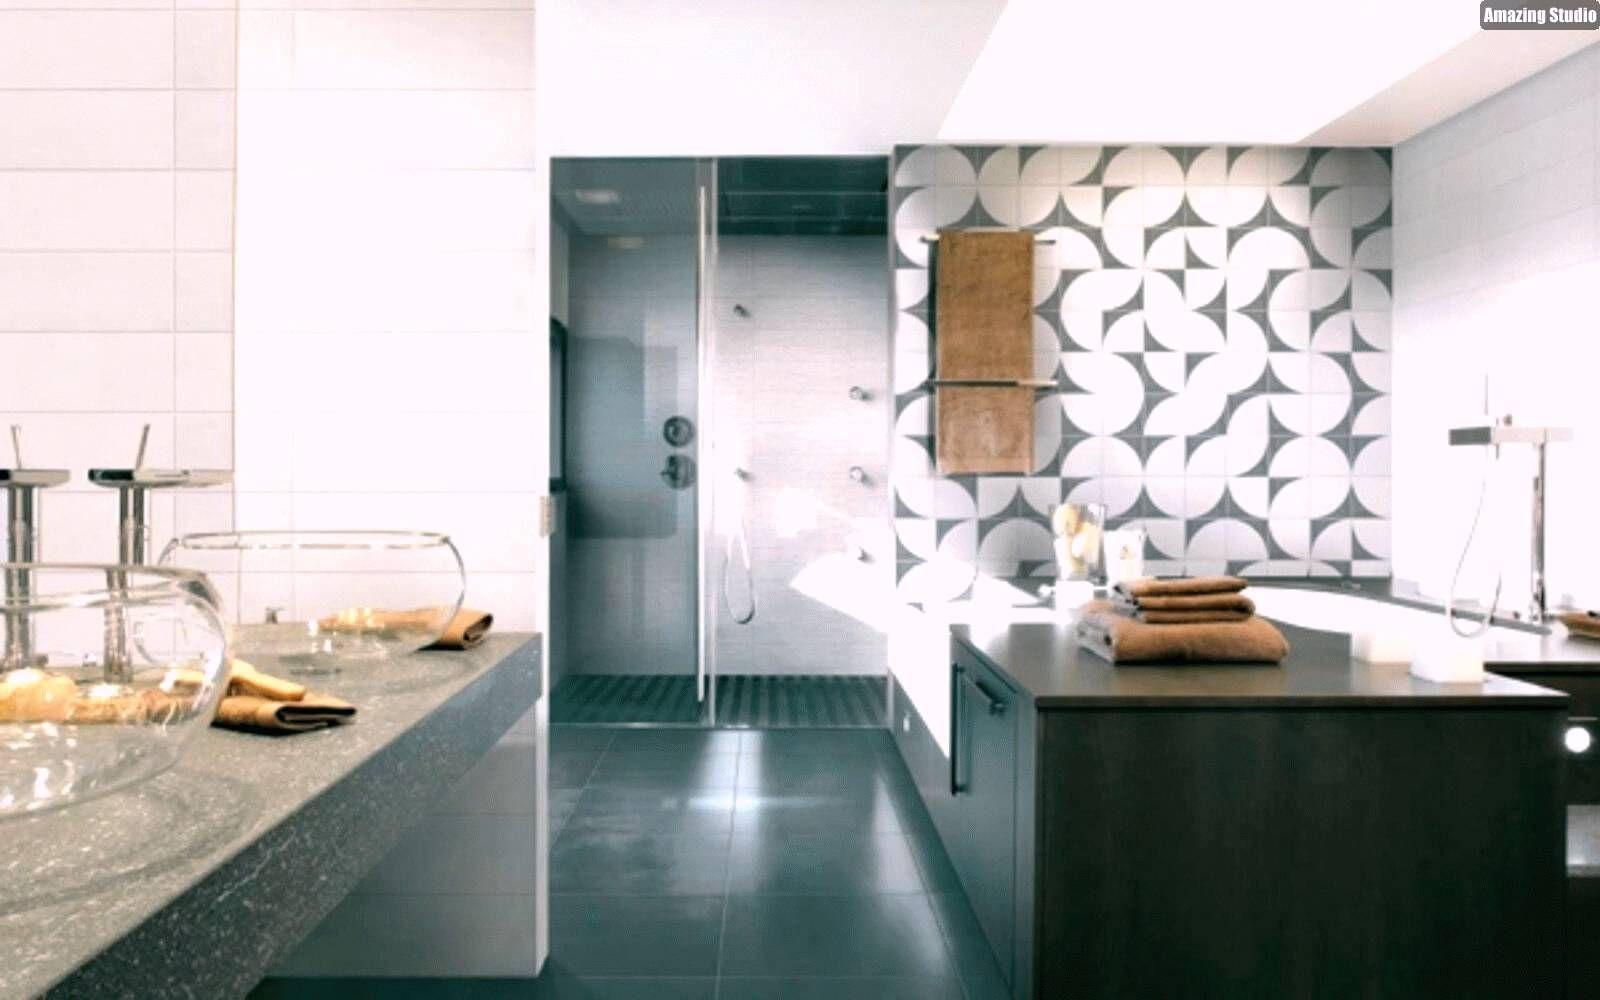 Badezimmerdesign graue fliesen ideen badezimmer mit dachschruege gestalten youtube